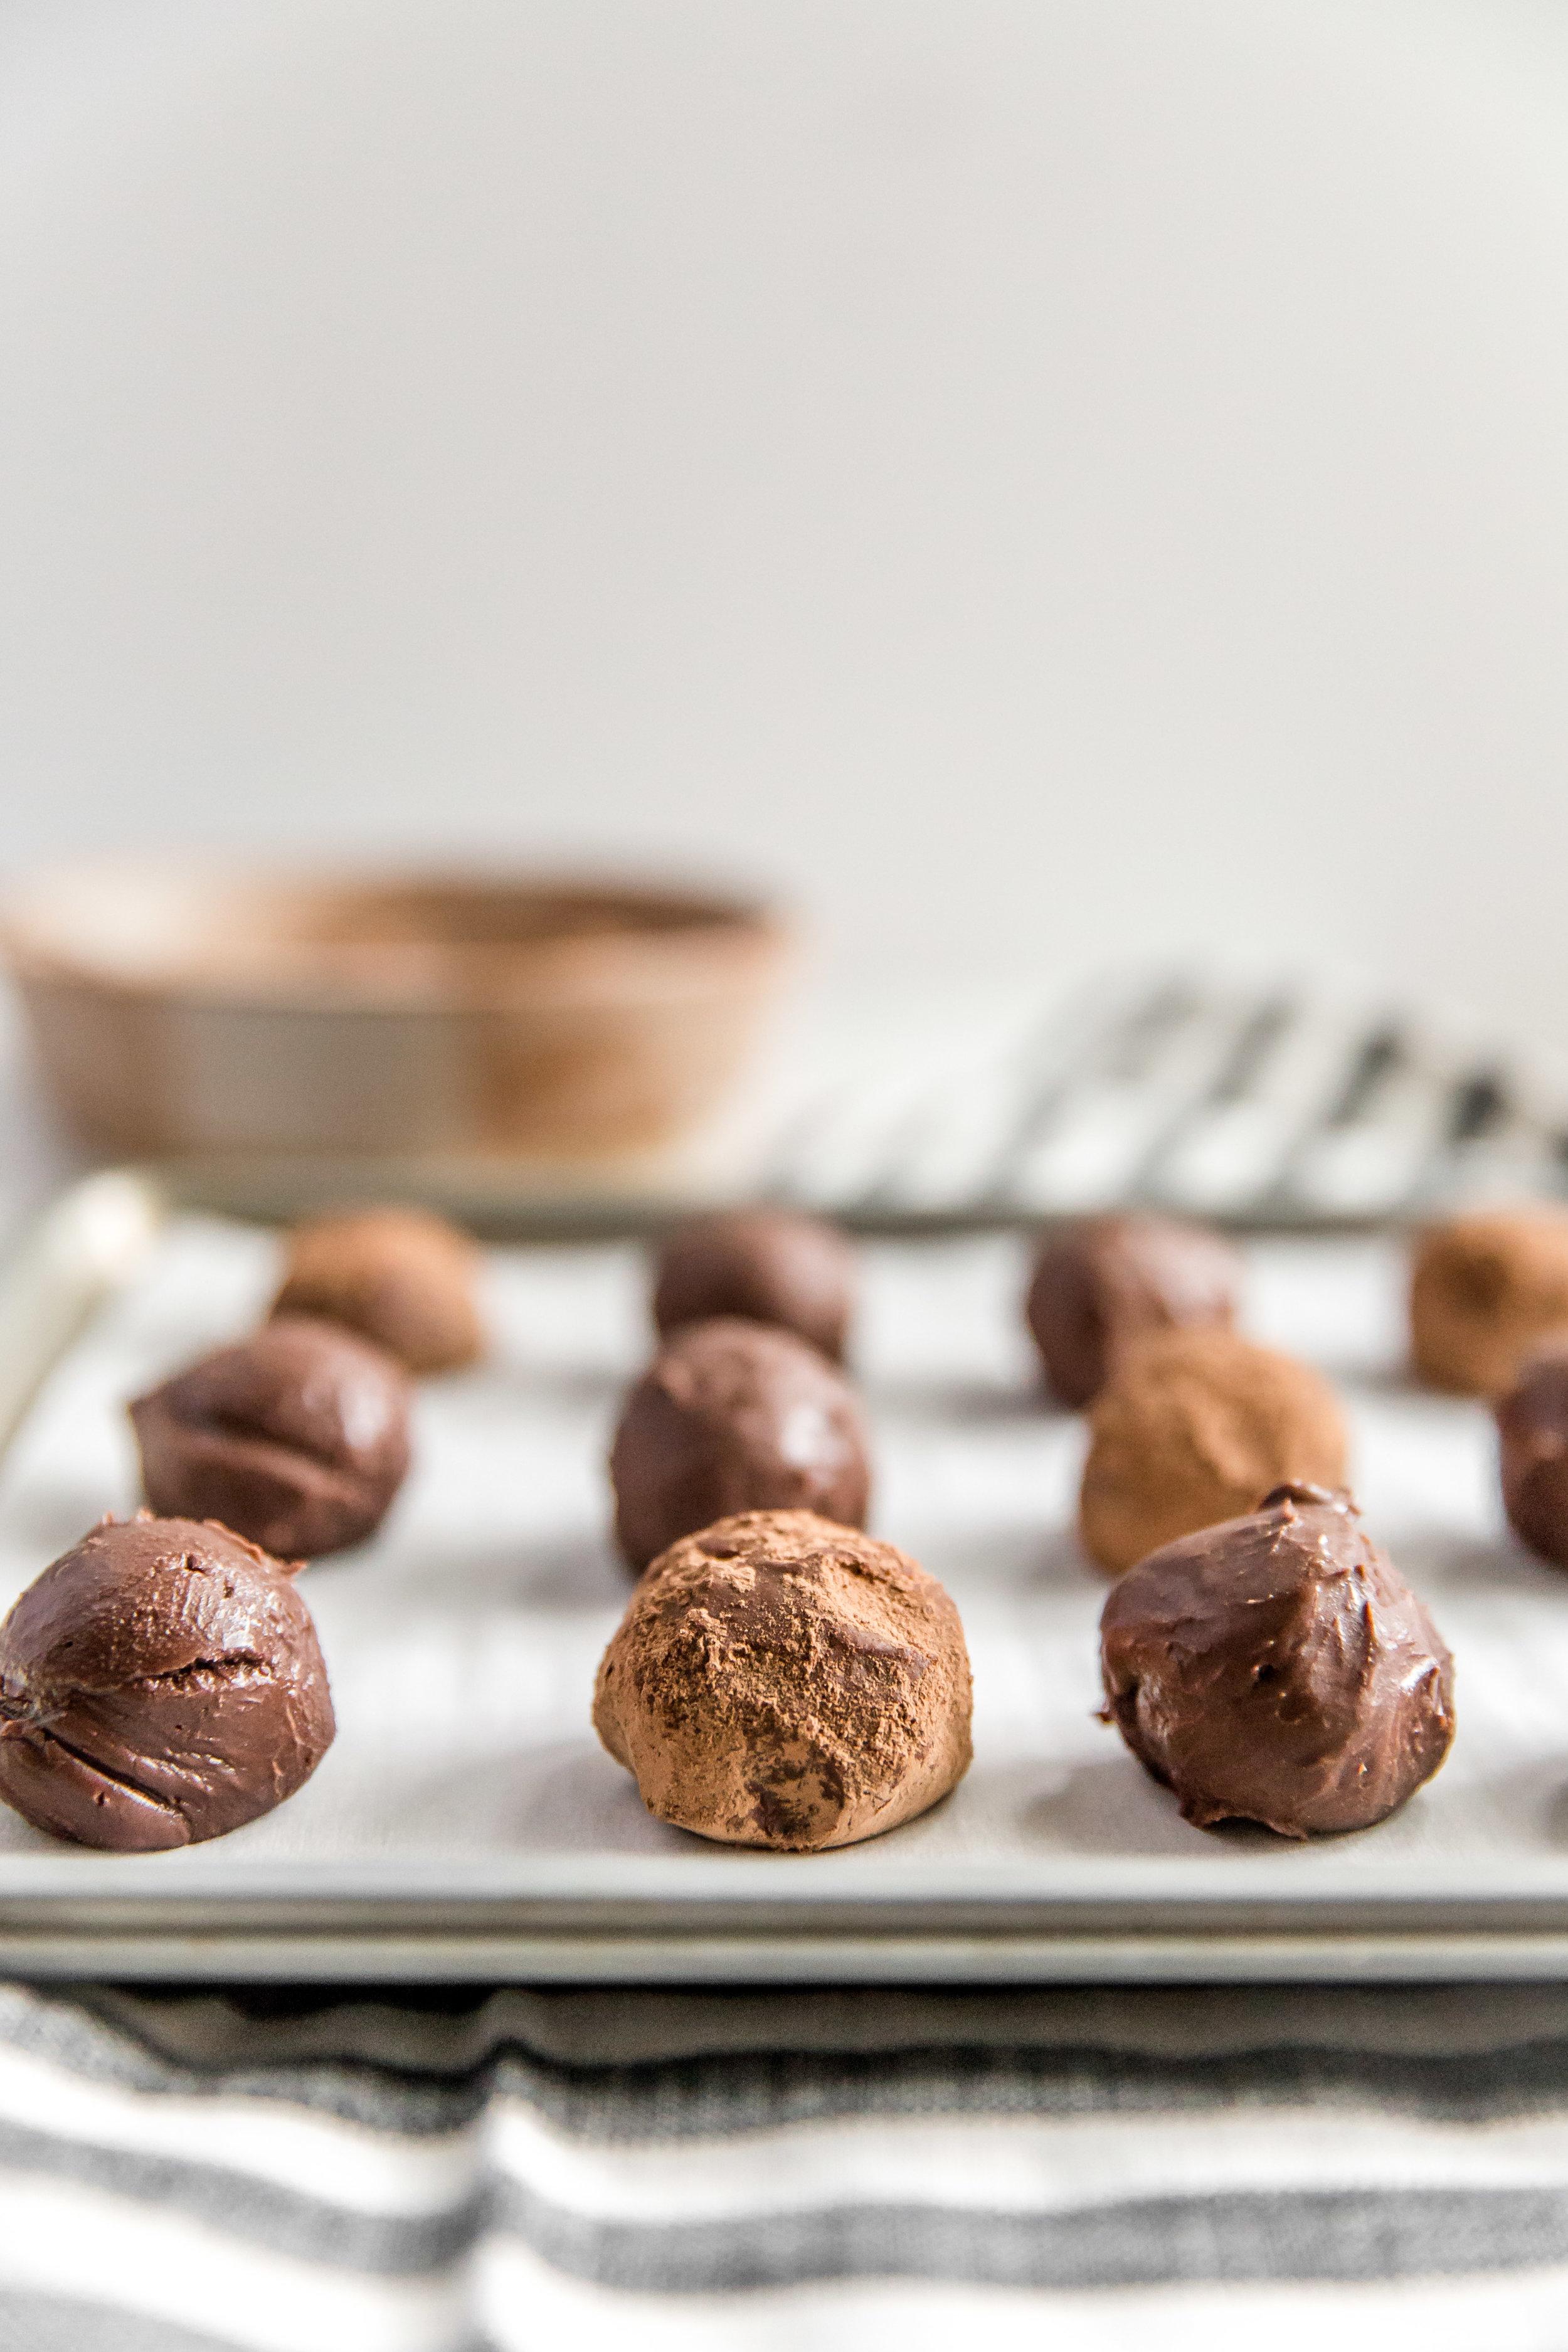 chocolate-wine-truffles-5.jpg